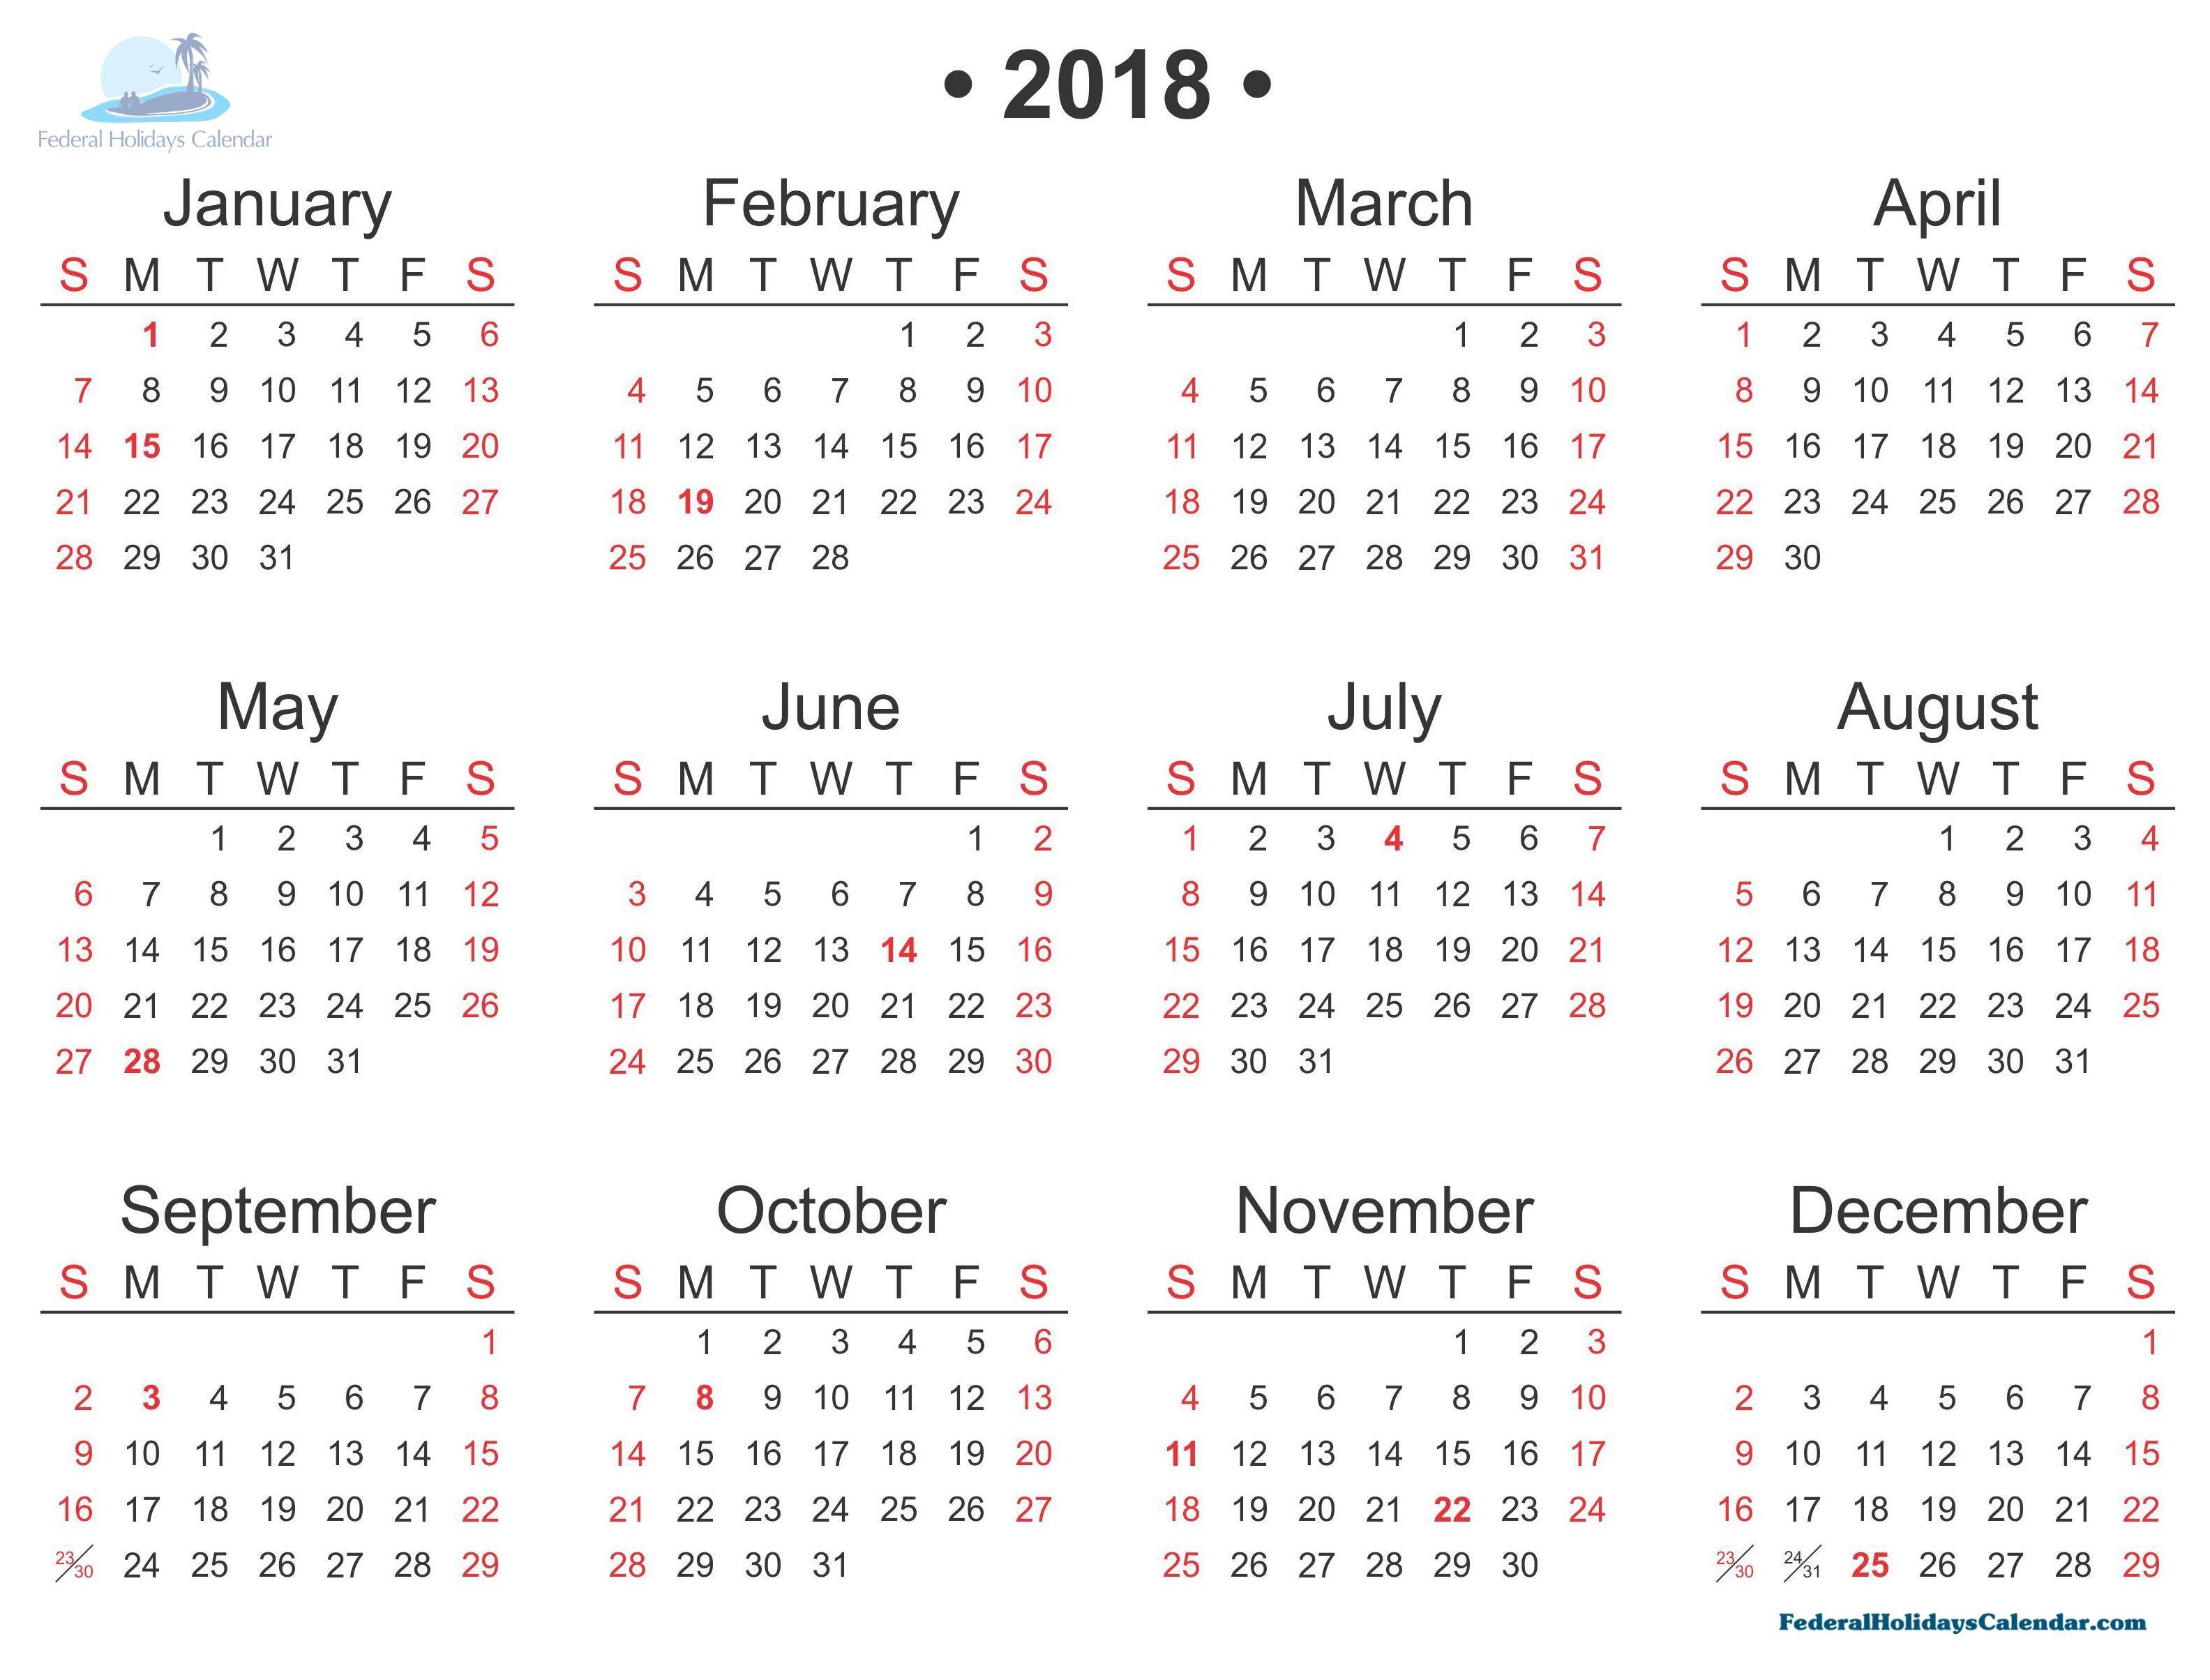 2018 calendar printable template with holidays usa uk canada 2018 Calendar With Holidays Usa Printable erdferdf